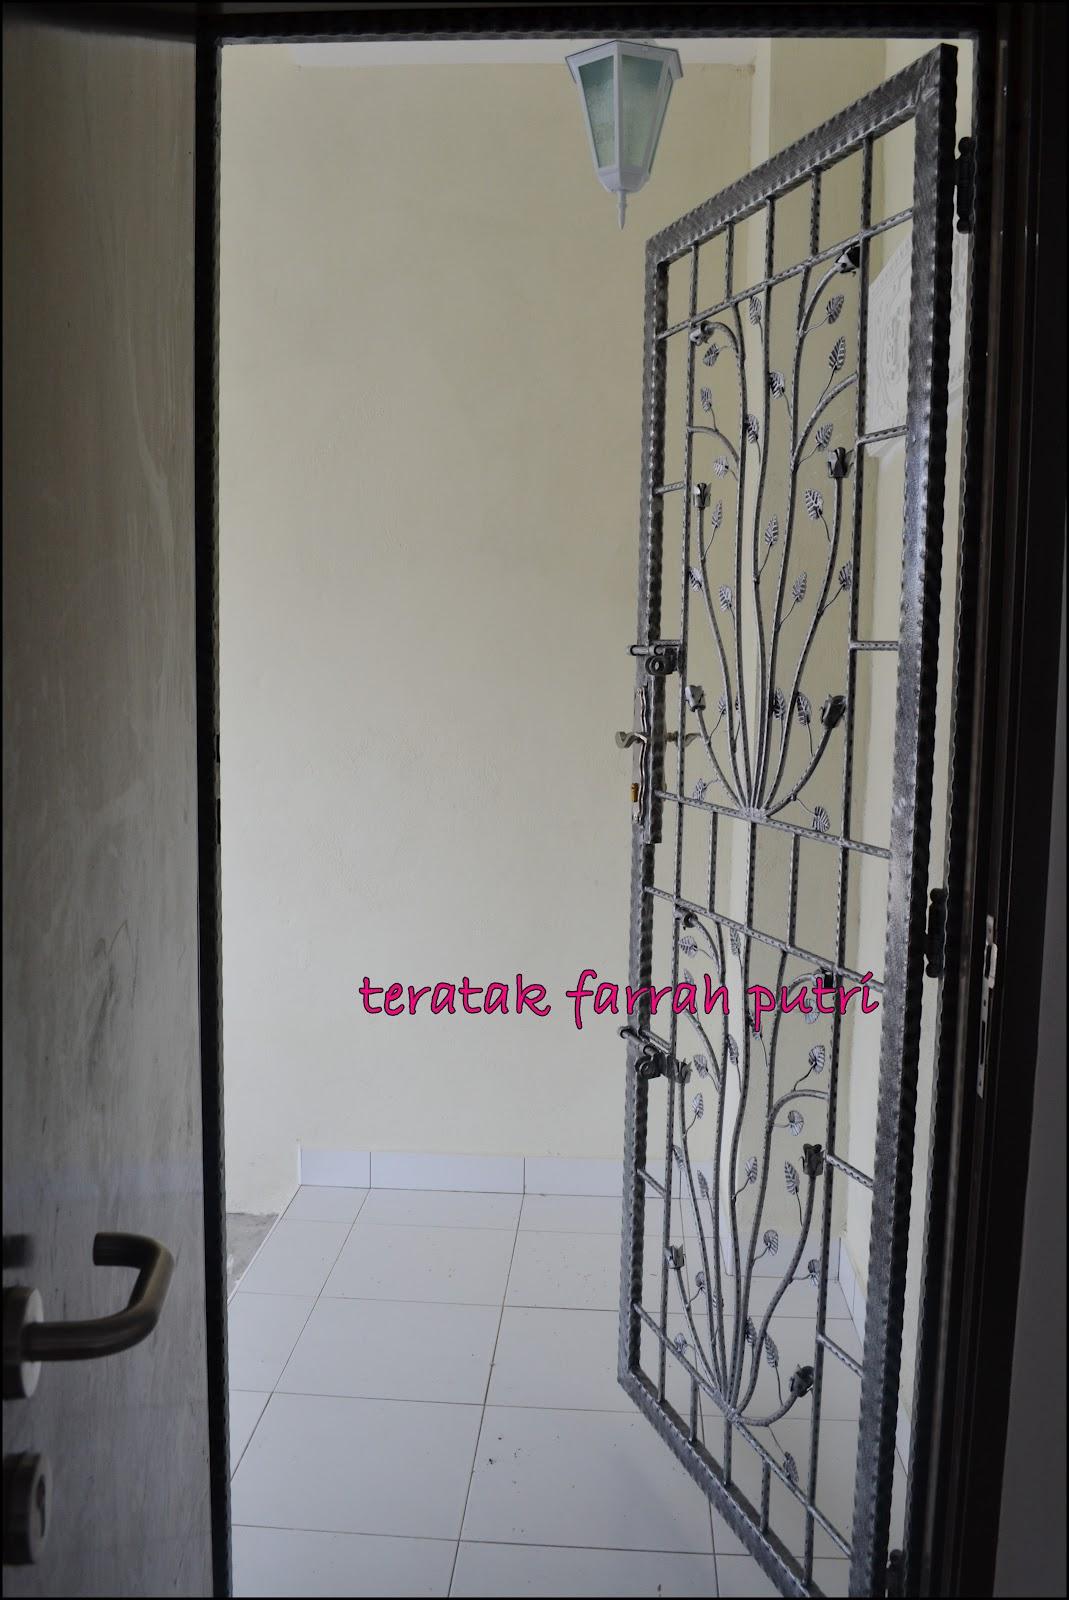 http://teratakfarrahputri.blogspot.com/2014/01/grill-rumah-dah-siap-lama-lama-terperap.html